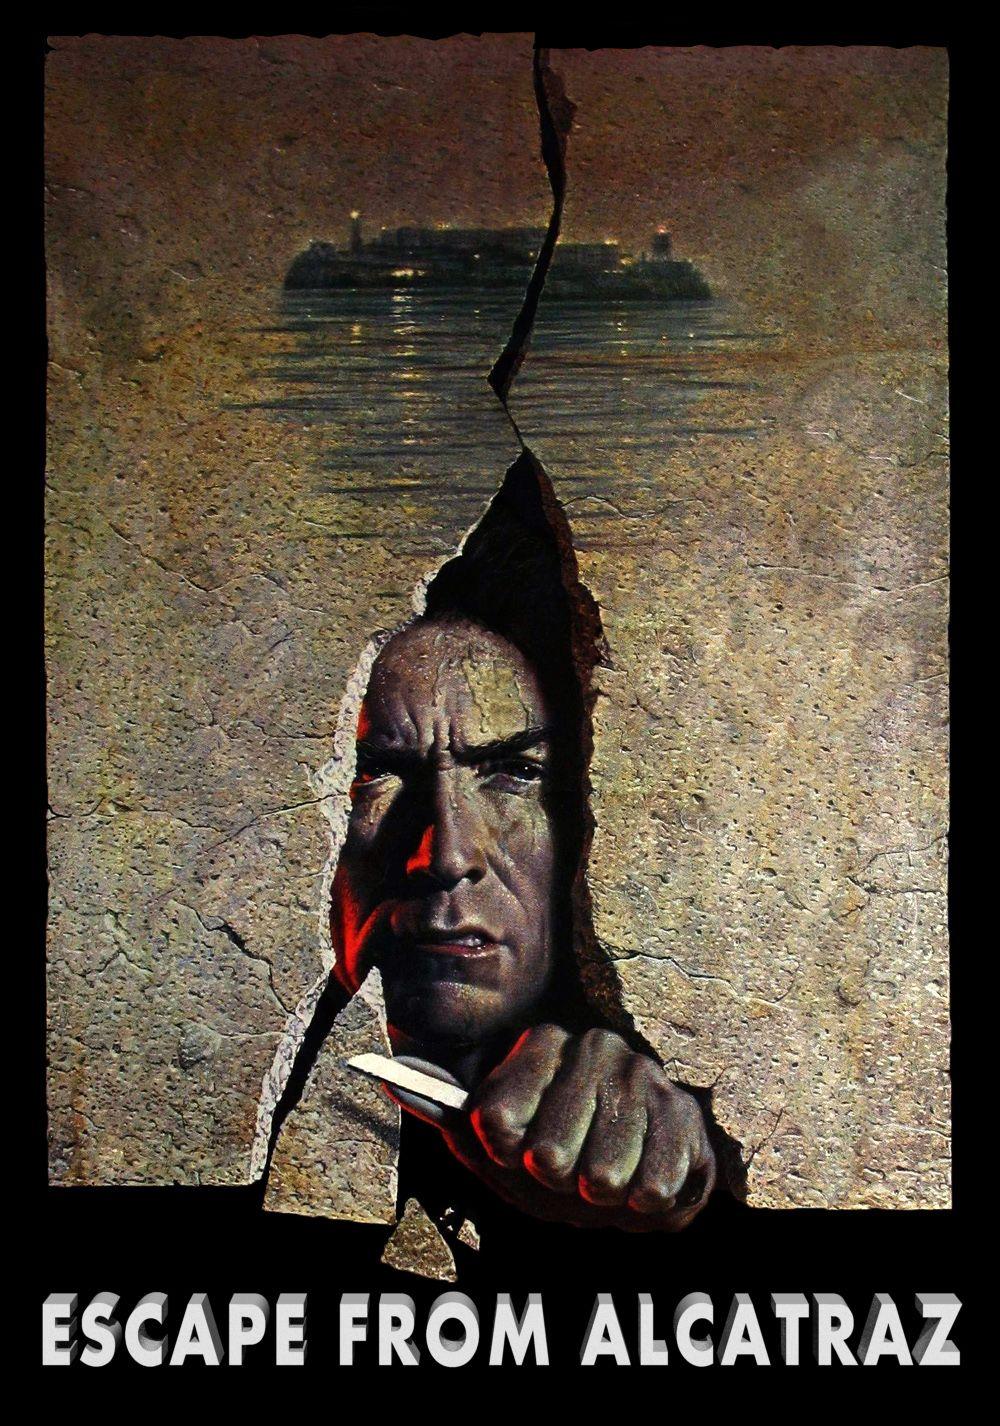 Escape From Alcatraz 1979 Películas Completas Alcatraces Peliculas